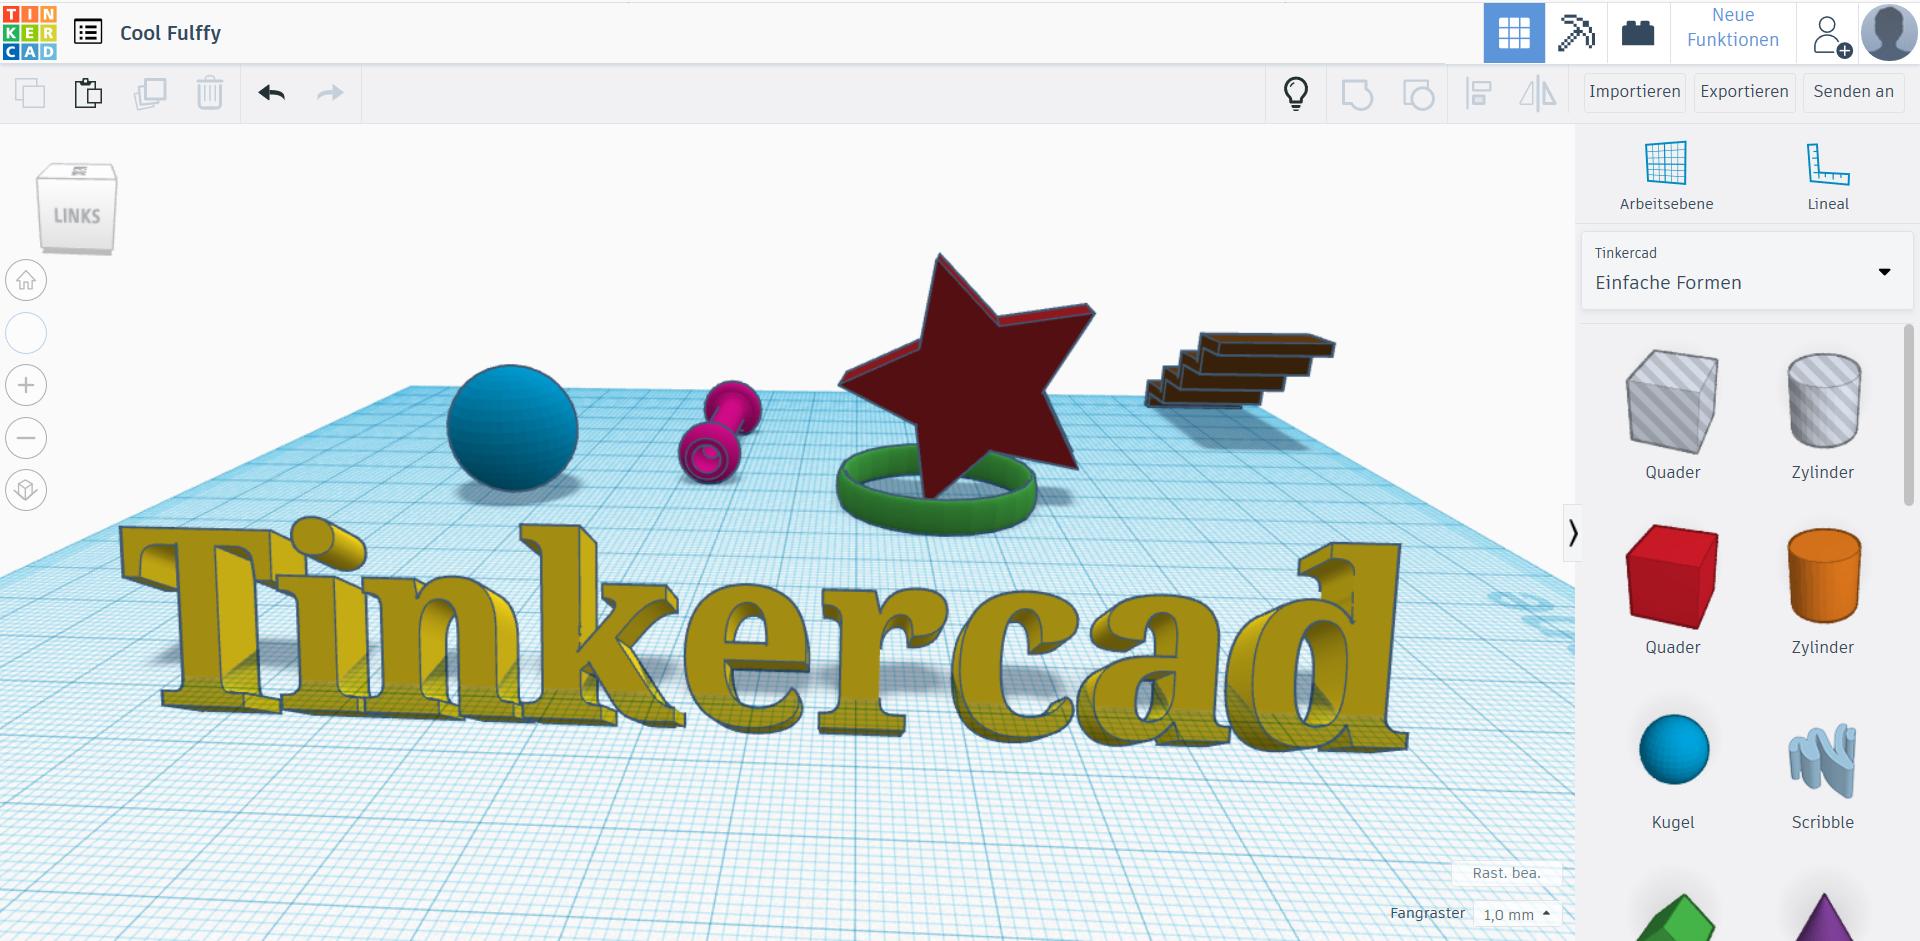 Tinkercad ist ein beliebtes CAD Programm